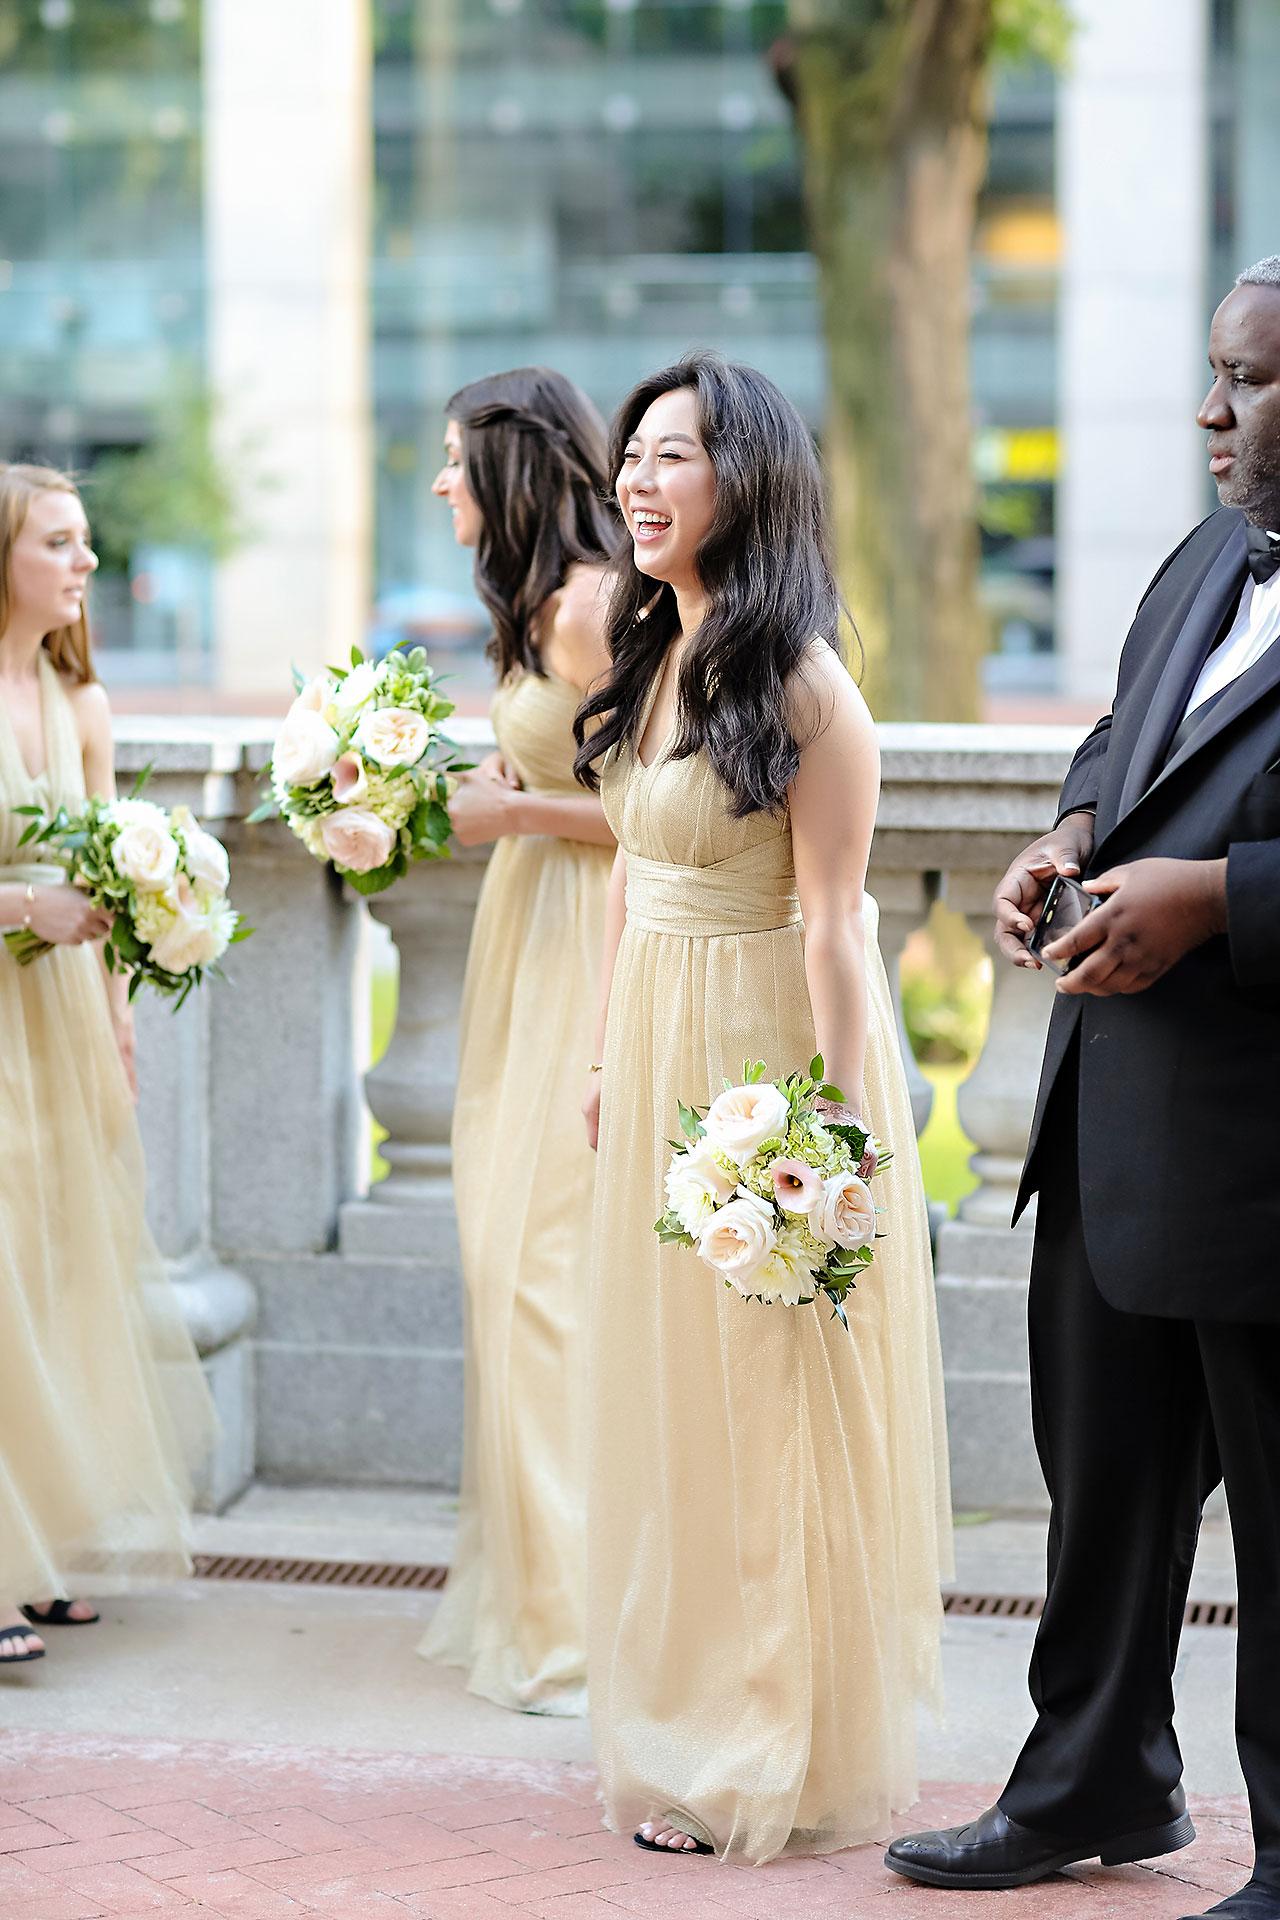 Joie Nikhil Indianapolis Christian Wedding 168